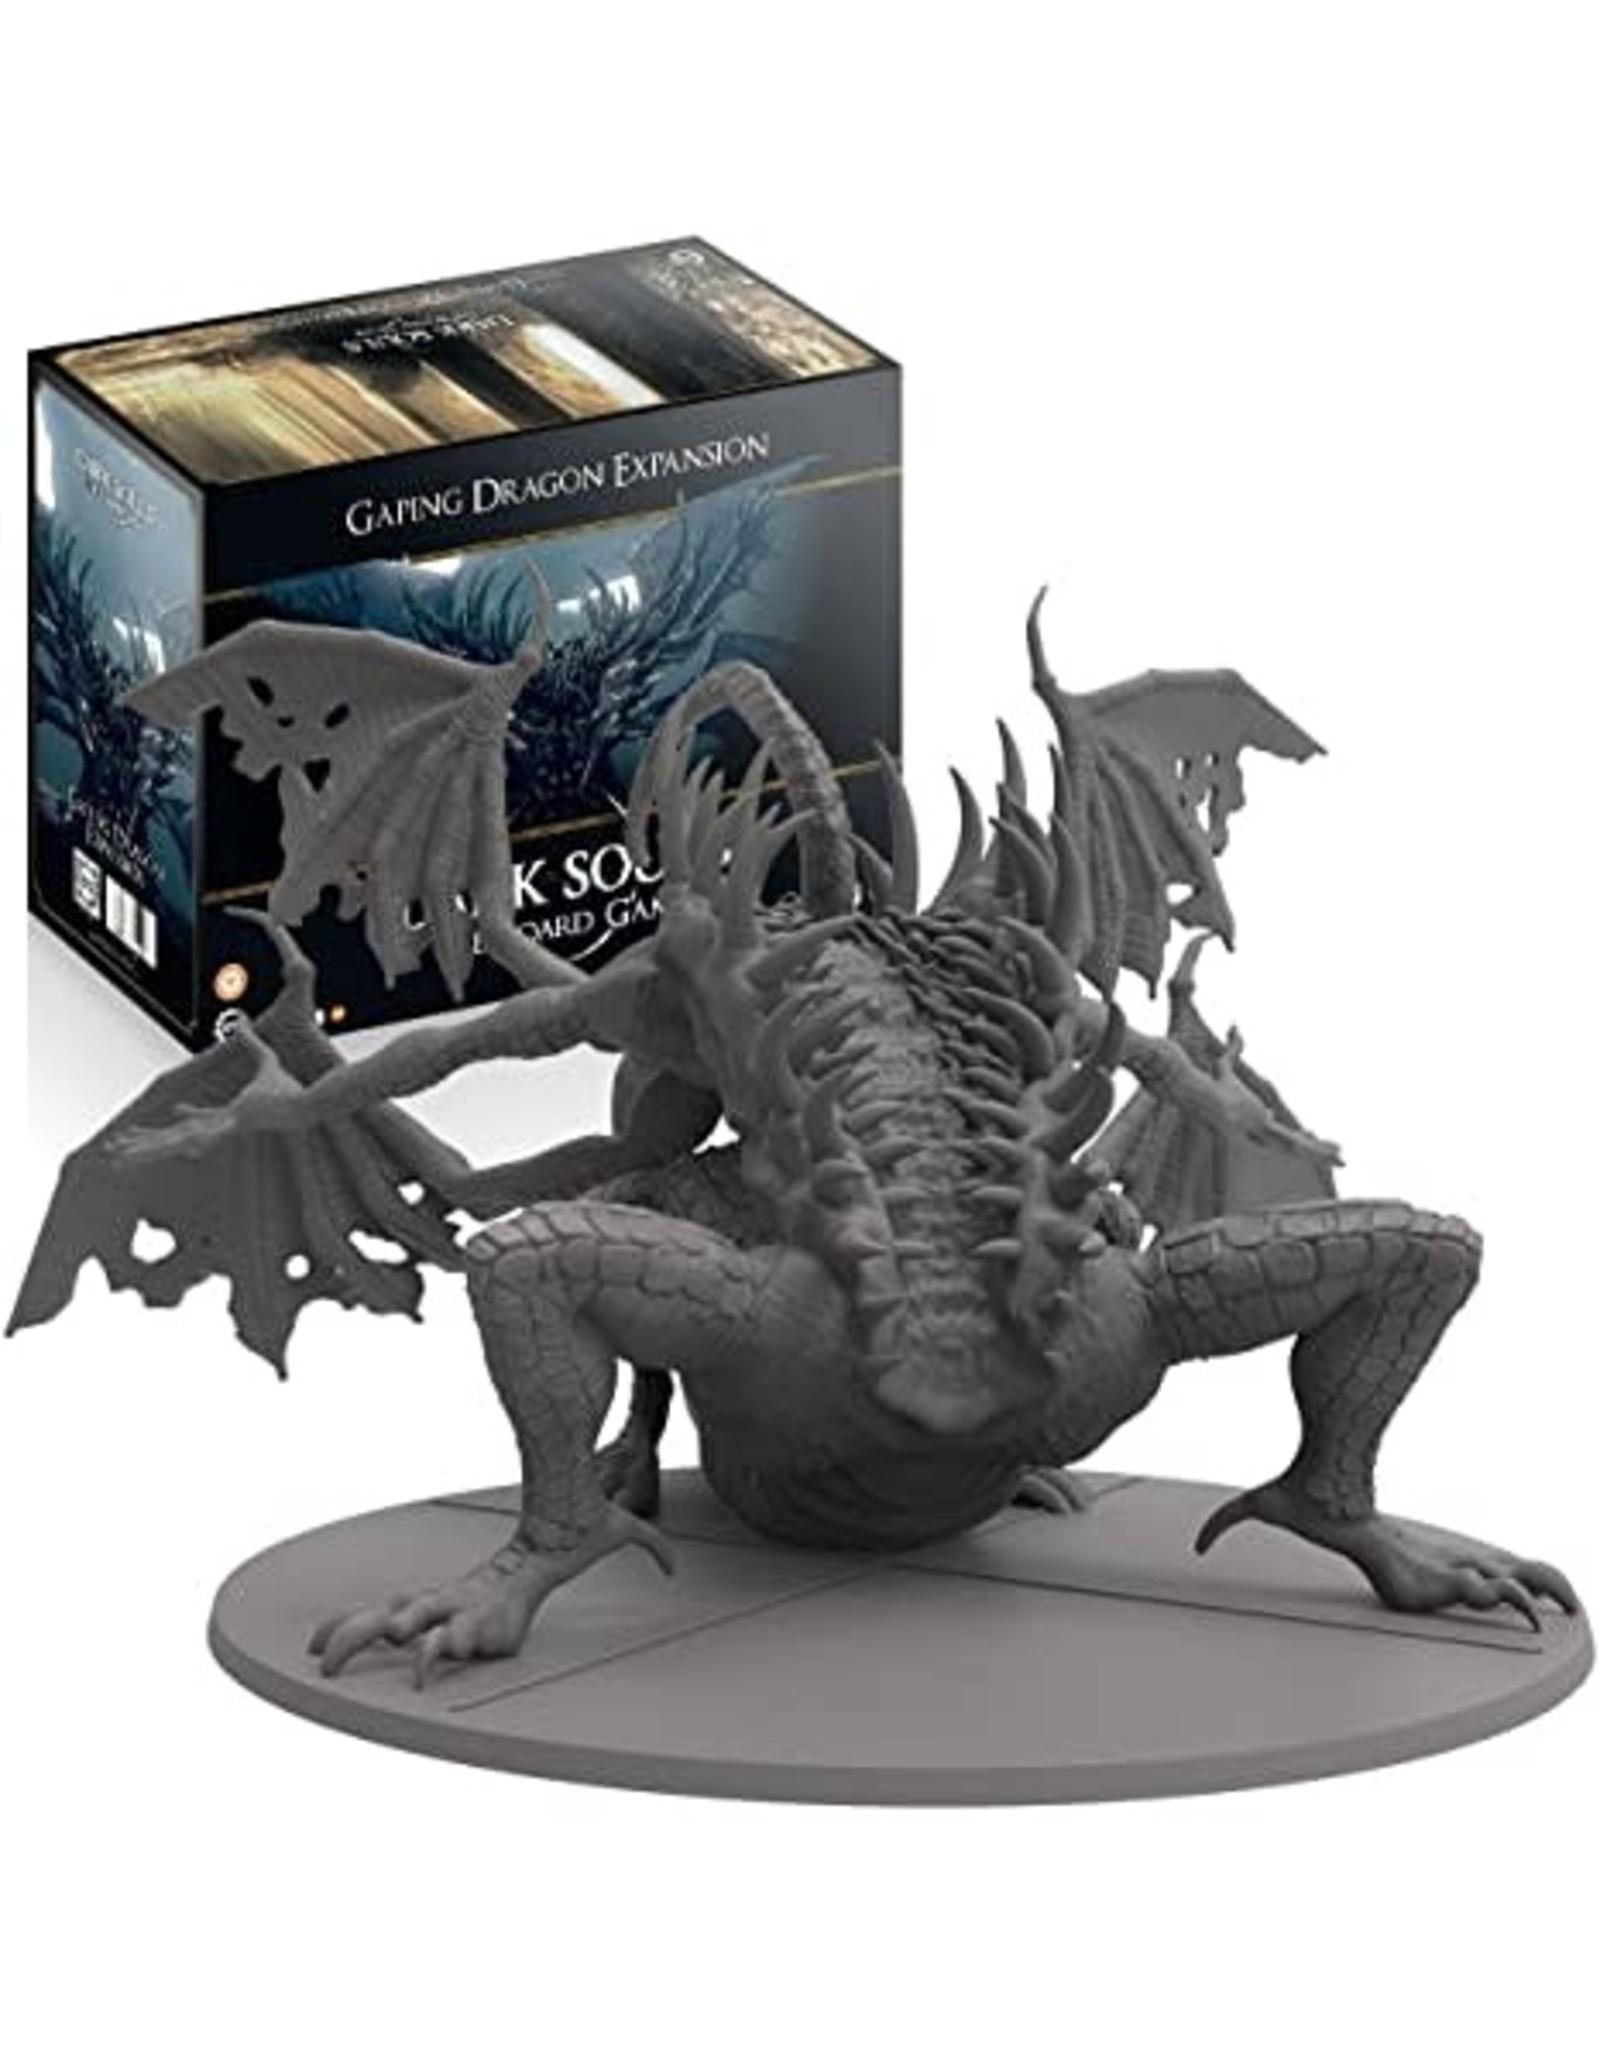 Dark Souls Expansion Gaping Dragon